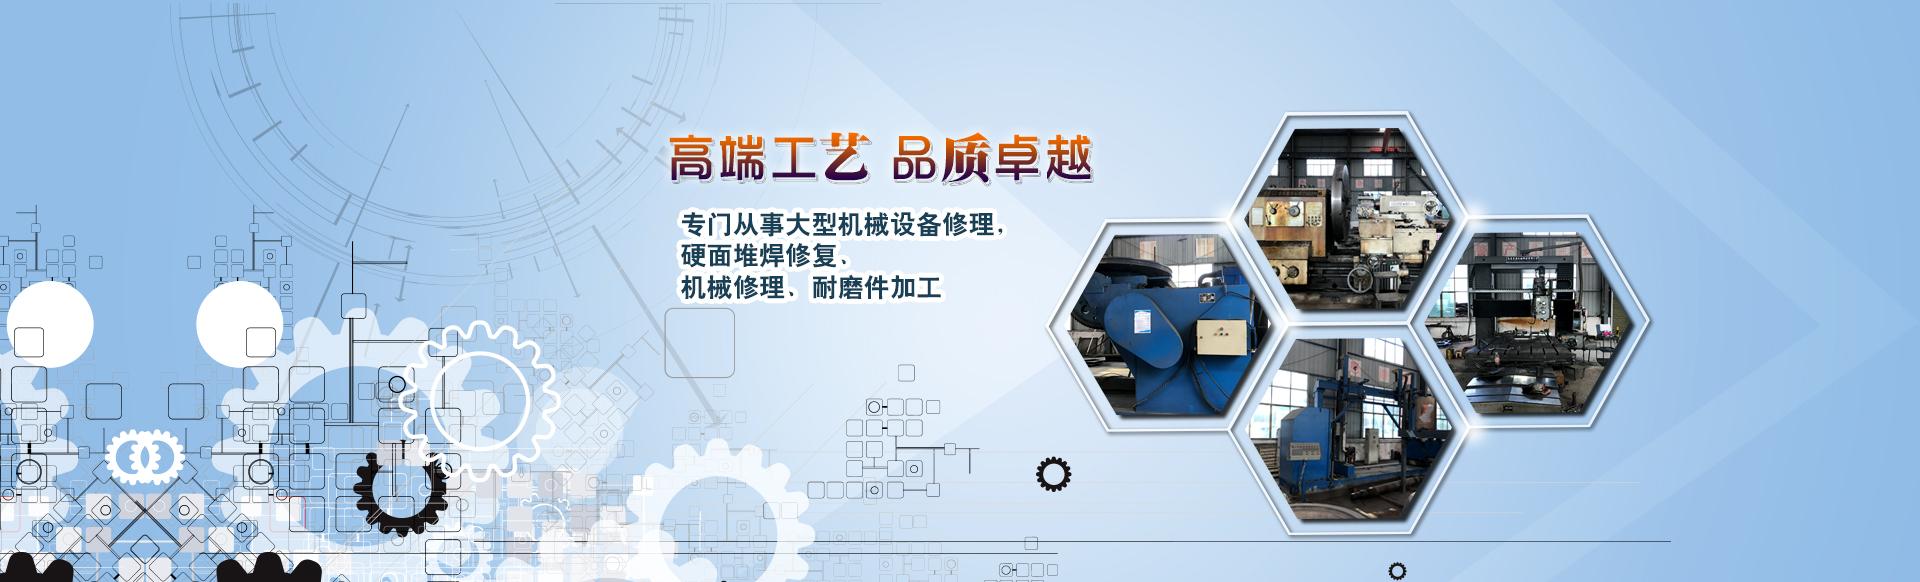 贵州矿山机械设备制造aoa体育官方